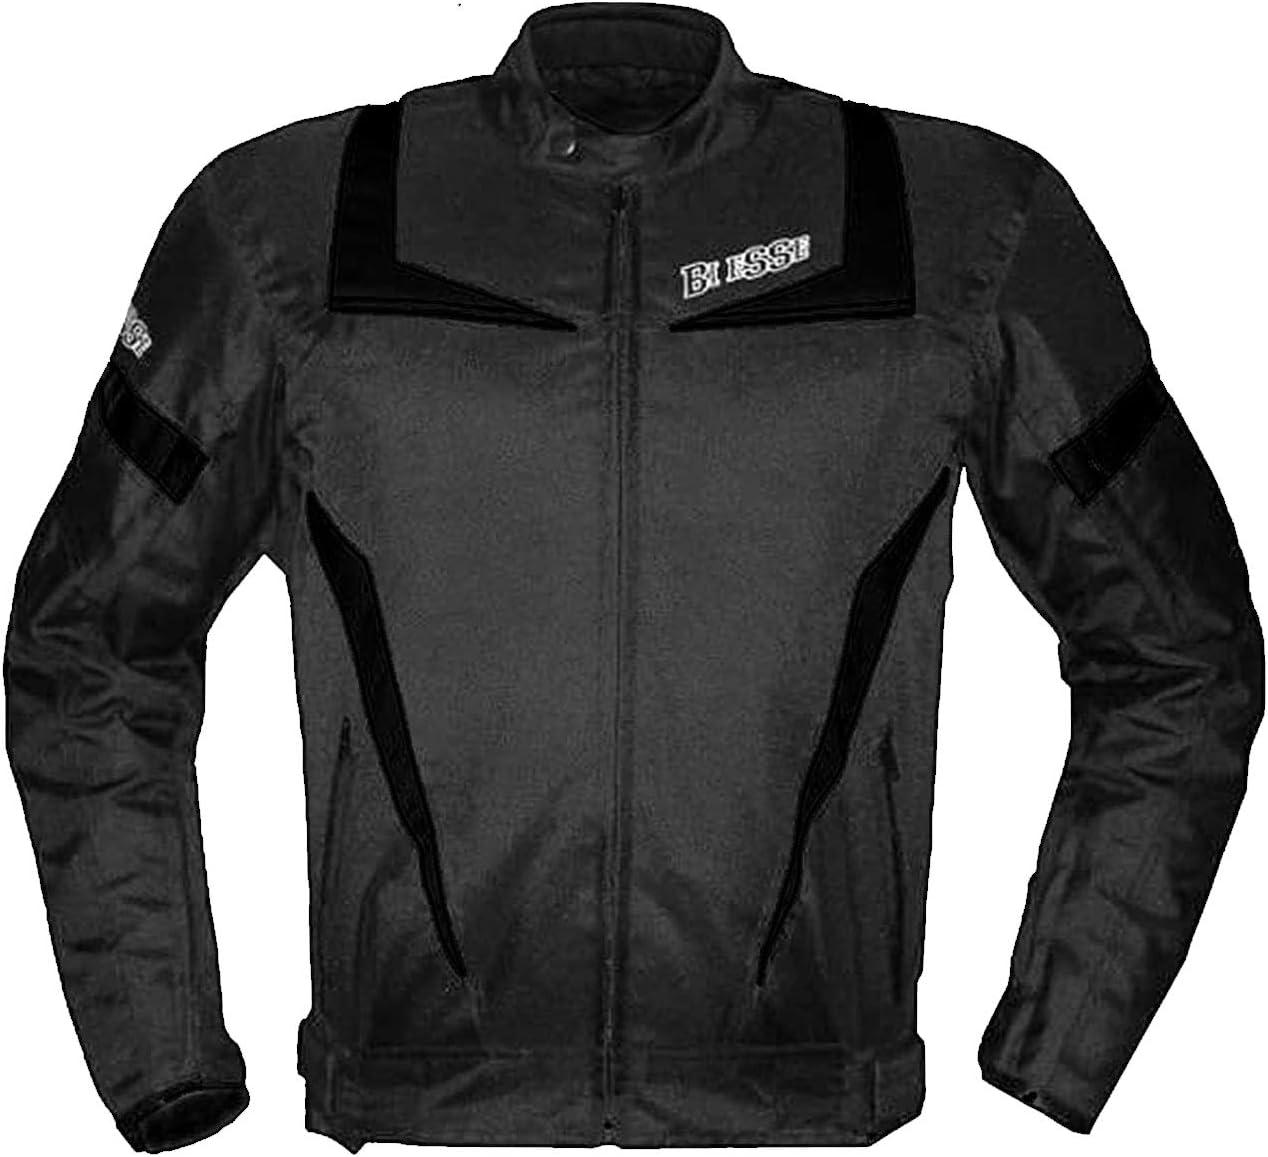 Protections CE Noir//blanc R/églable Doublure thermique XS noir//blanc Biesse Veste Moto Touring pour homme Imperm/éable